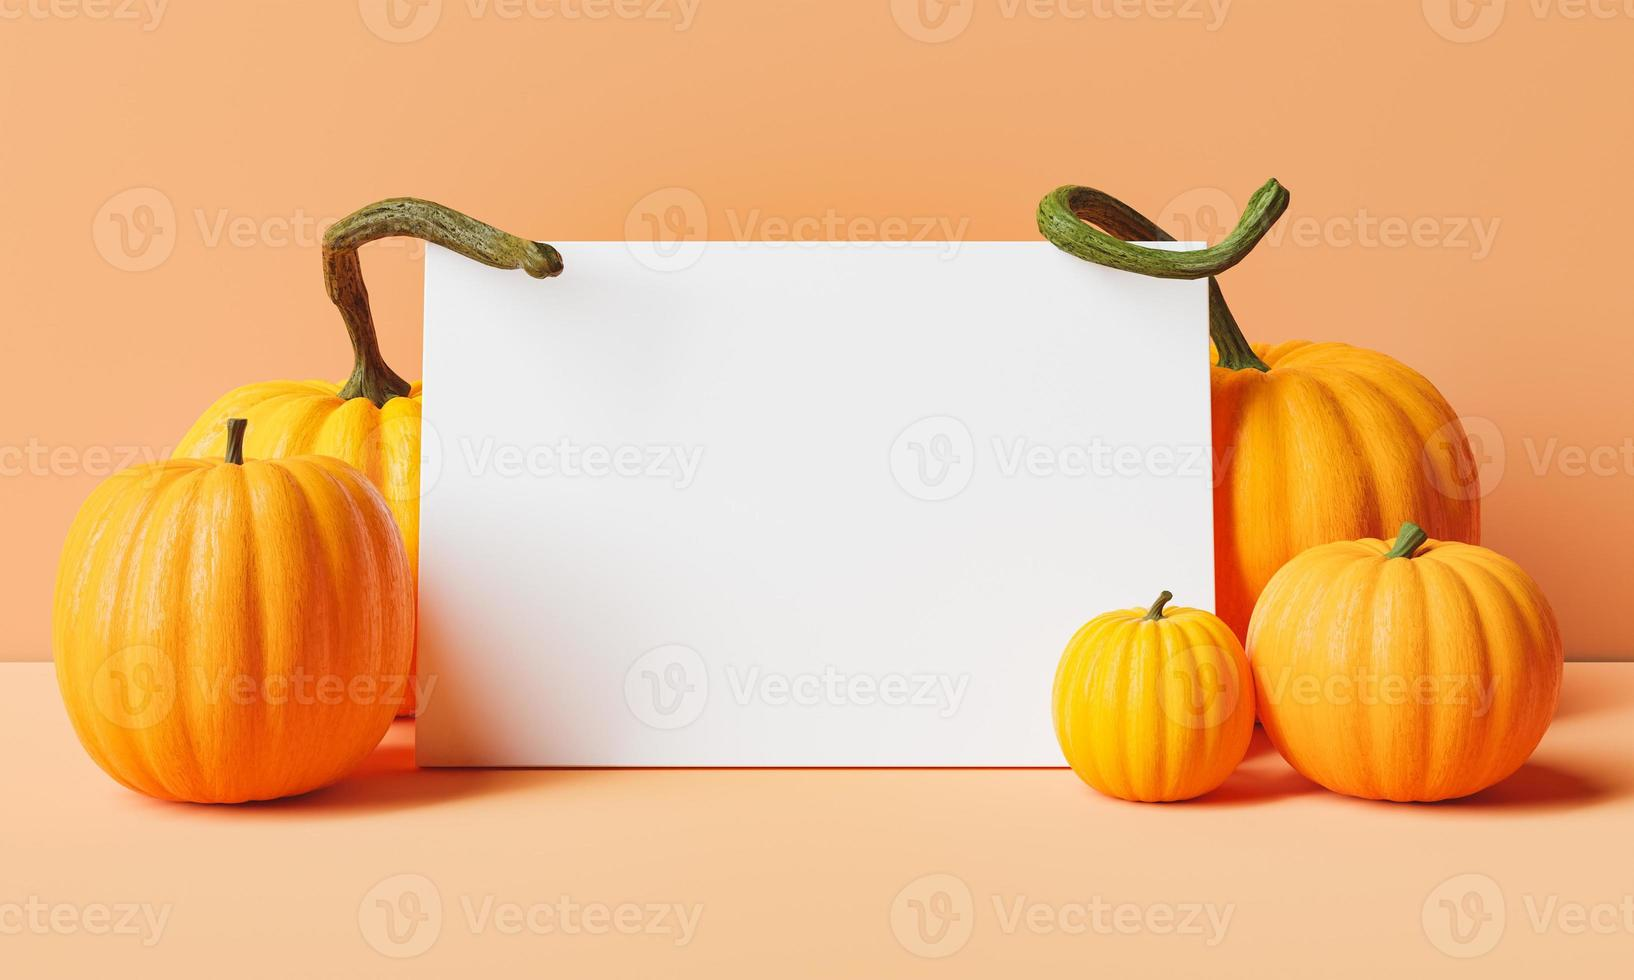 cornice vuota con zucche intorno su sfondo pastello foto